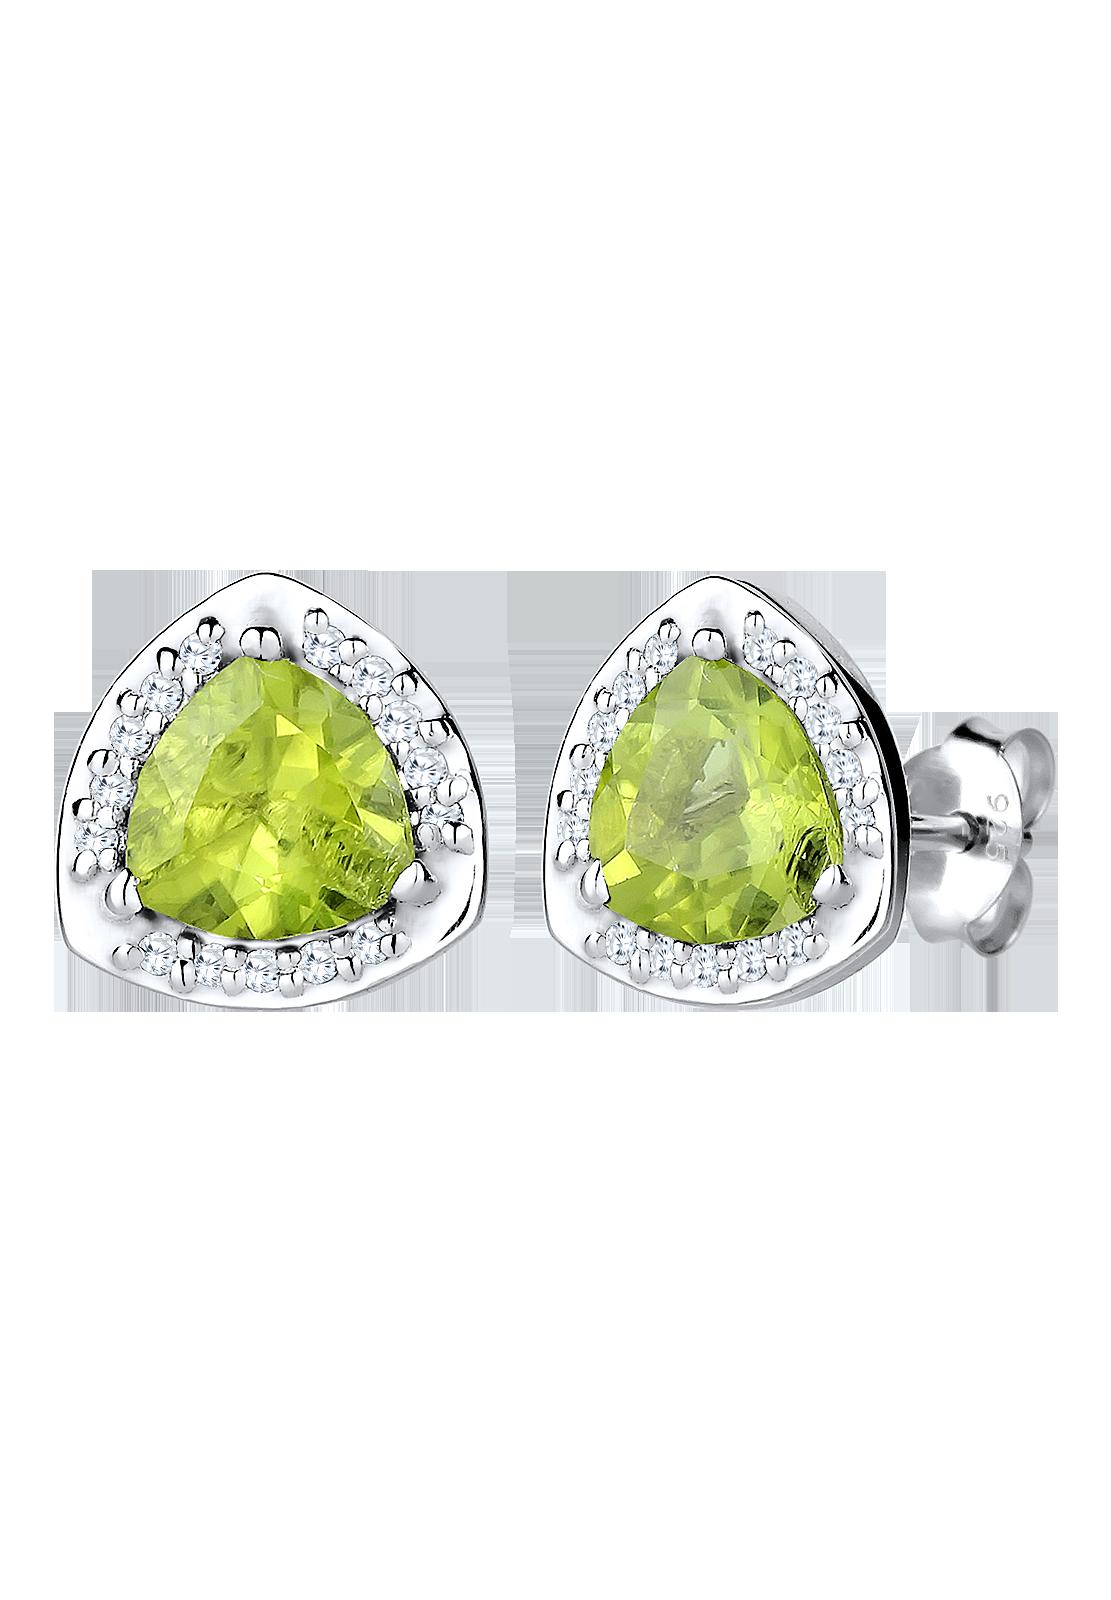 Der Peridot ist ein grünlicher Edelstein